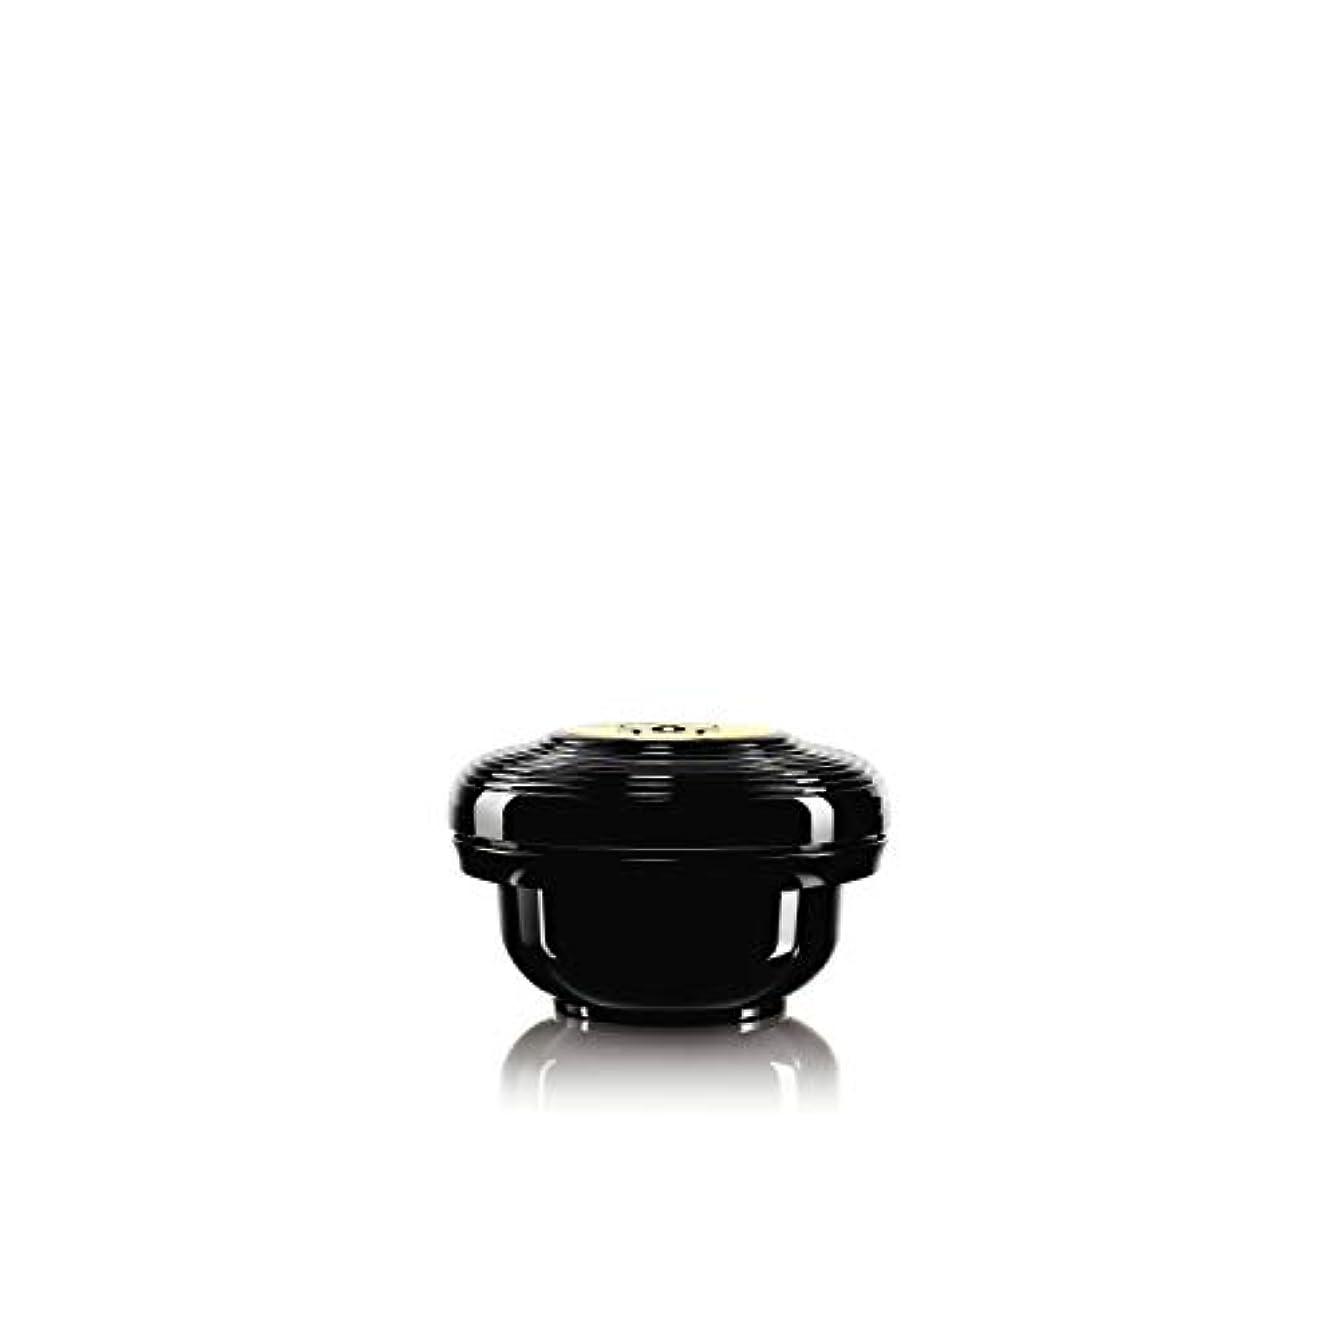 コントロール民兵妖精【GUERLAIN(ゲラン)】オーキデ アンペリアル ブラック クリーム ベルナルド(リフィル)50mL/クリーム